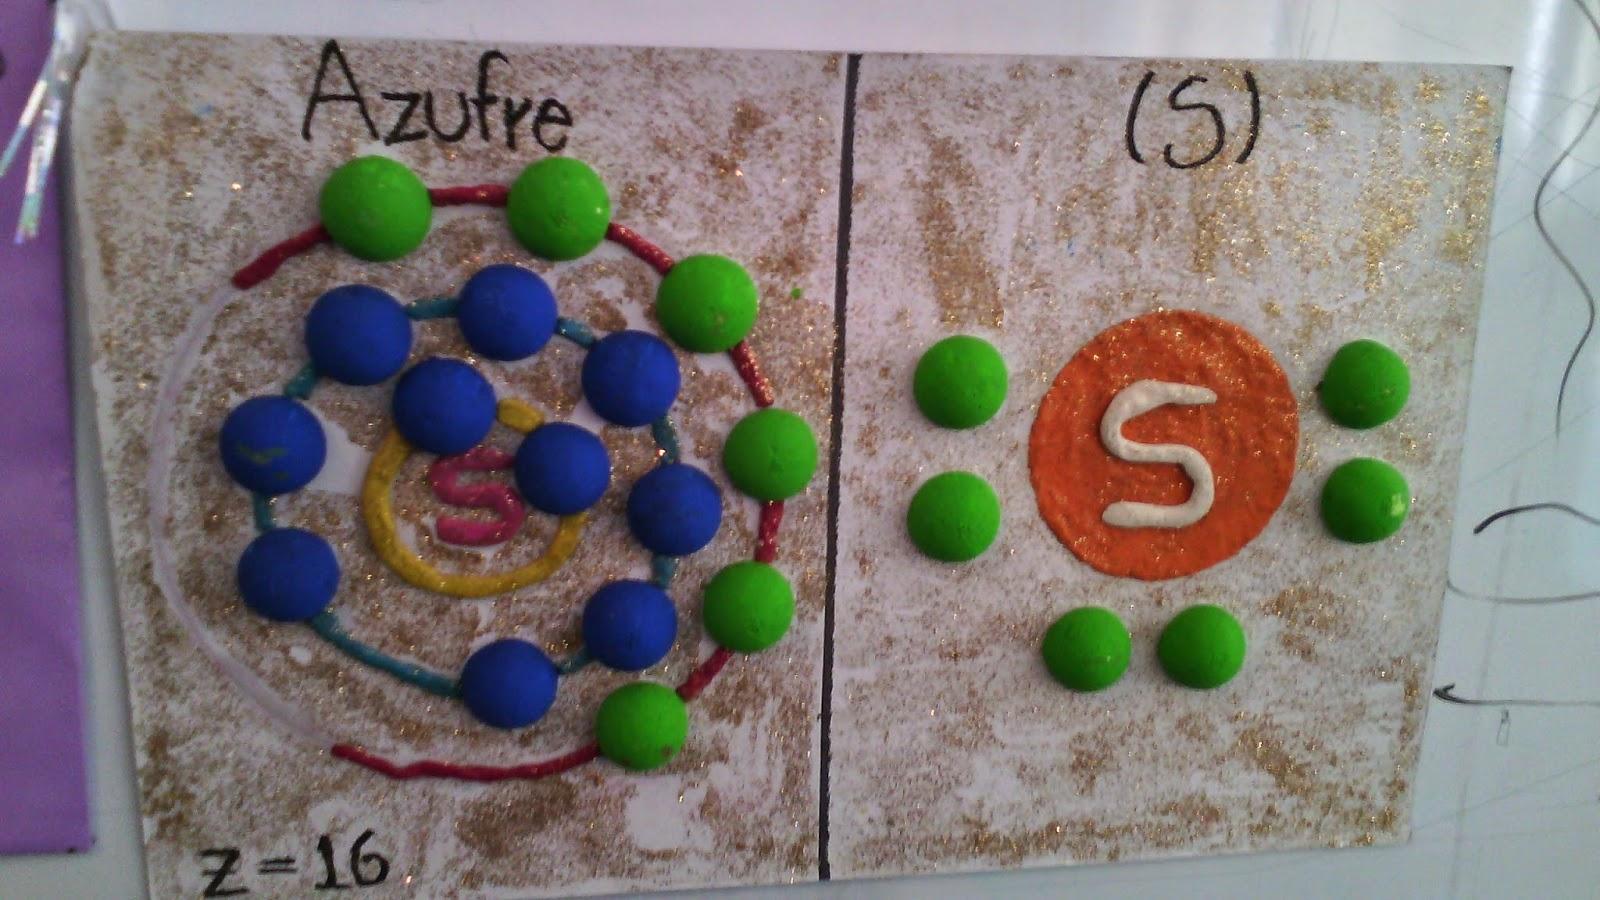 Evidencias de trabajo maquetas bohr y lewis para dejar ms clara la forma de elaborar modelos de bohr y estructuras de lewis los alumnos de la secundaria 119 elaboraron maquetas de algunos elementos urtaz Image collections